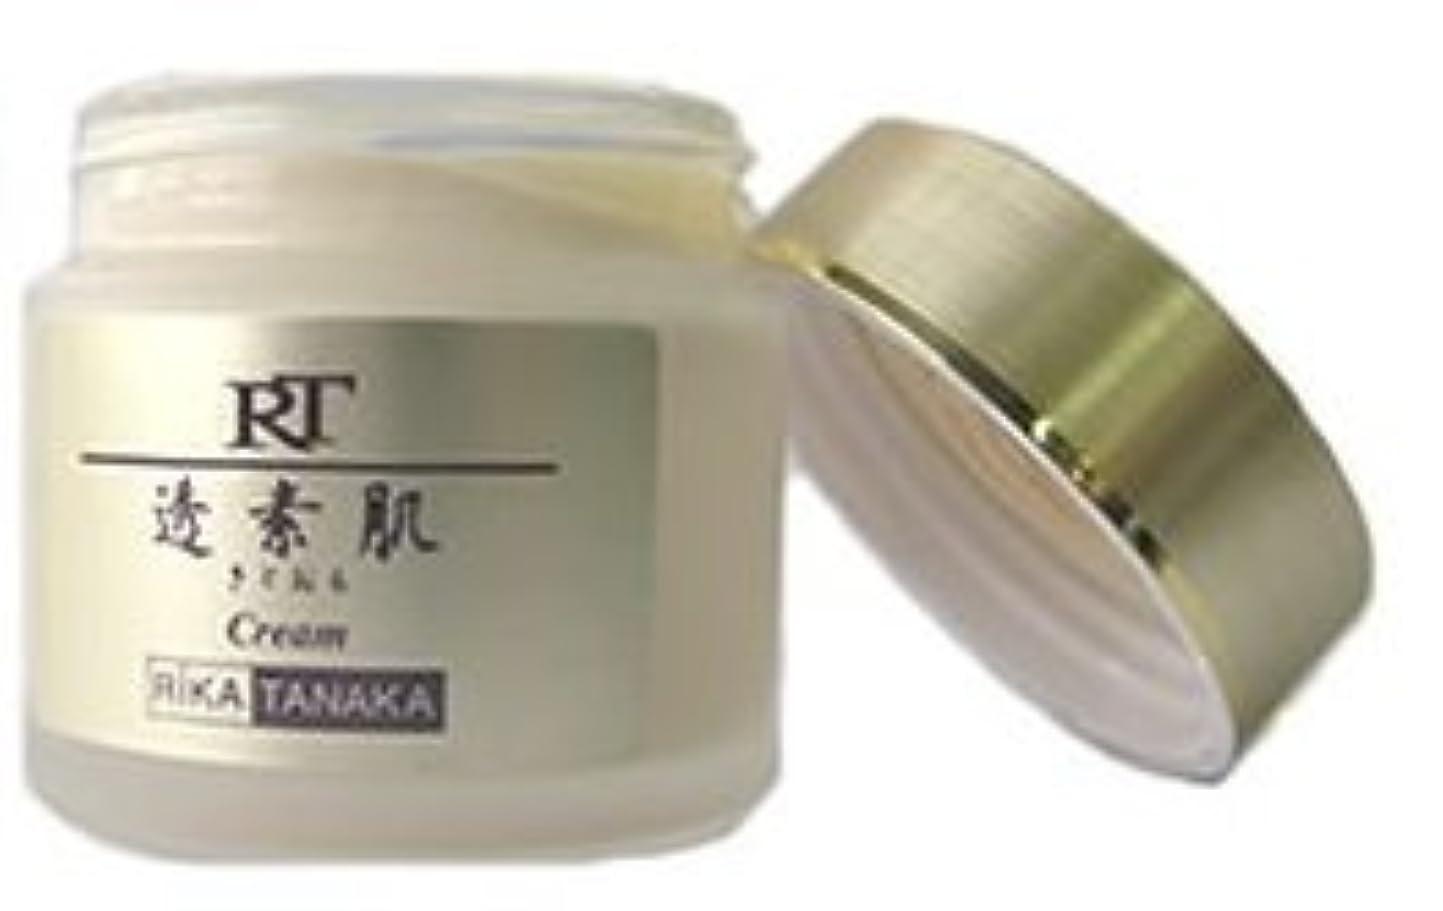 パイル配分ヘクタールRT 透きとおる素肌 UV BBクリーム オールインワン